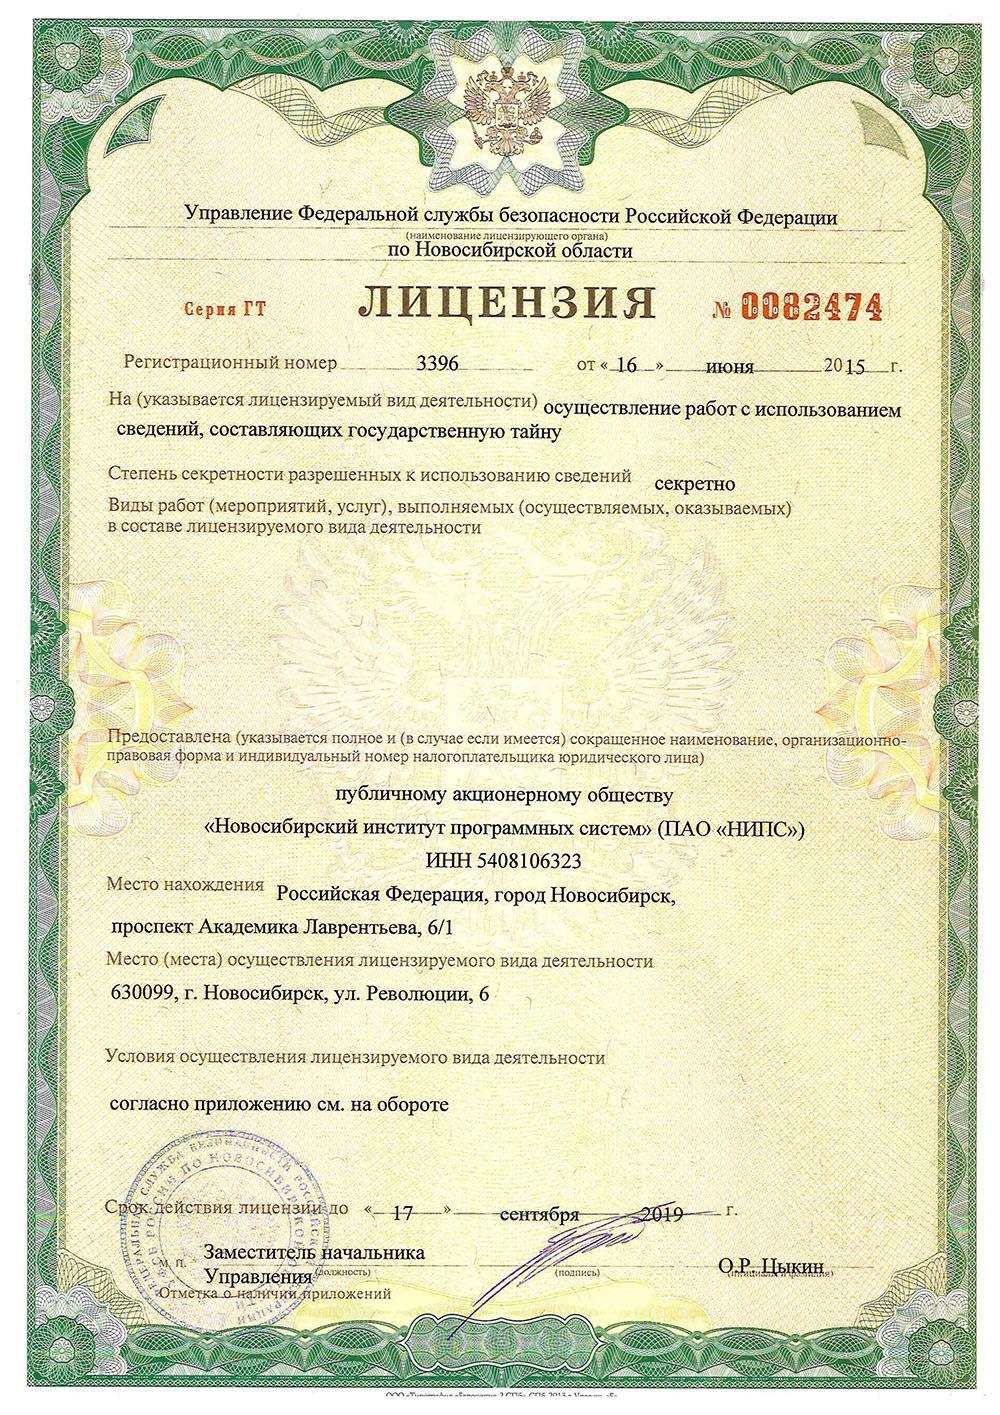 восточный экспресс кредит онлайн заявка открыть счет ооо